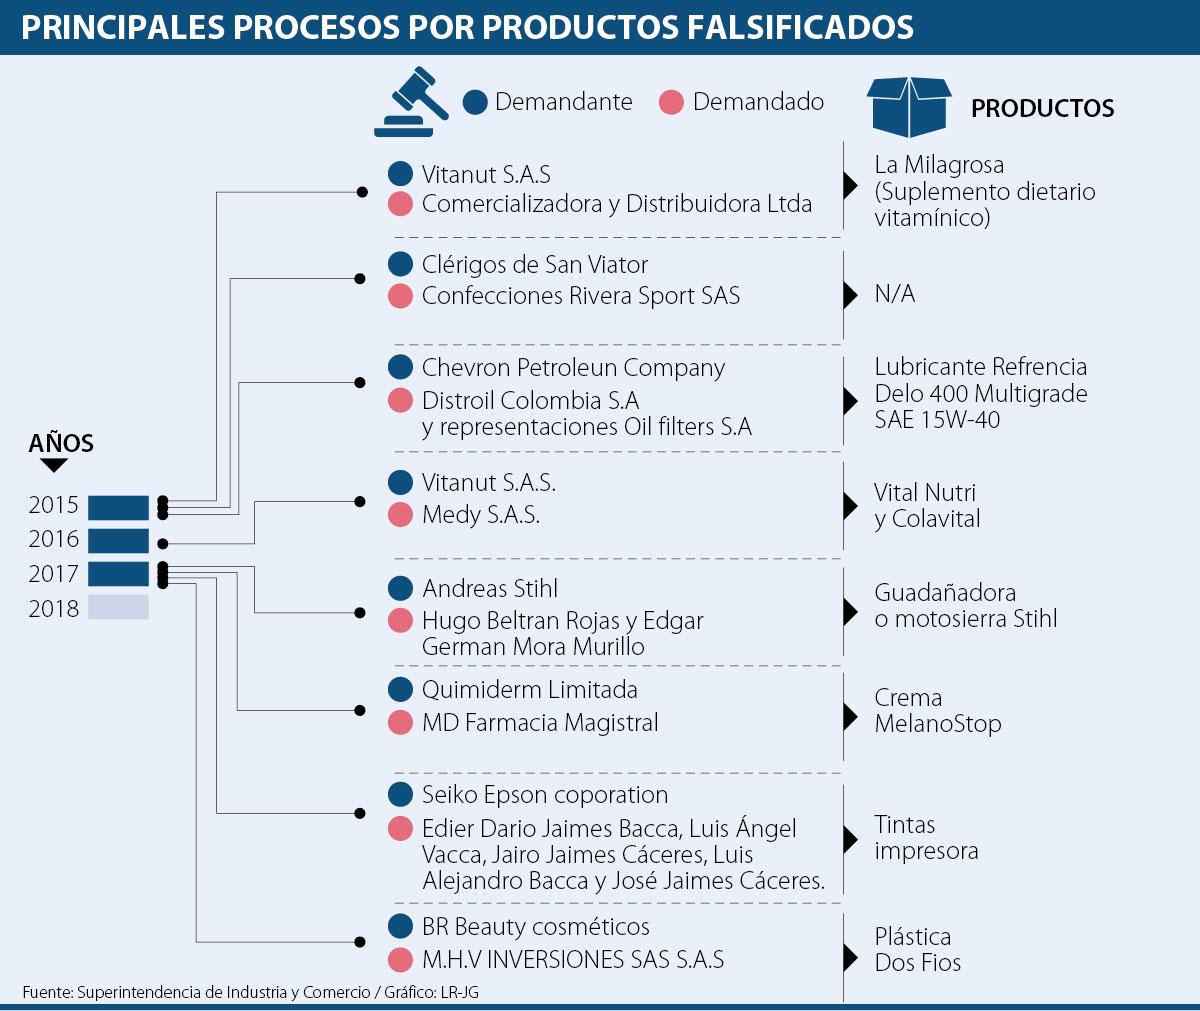 Epson y Chevron protagonizaron demandas por productos